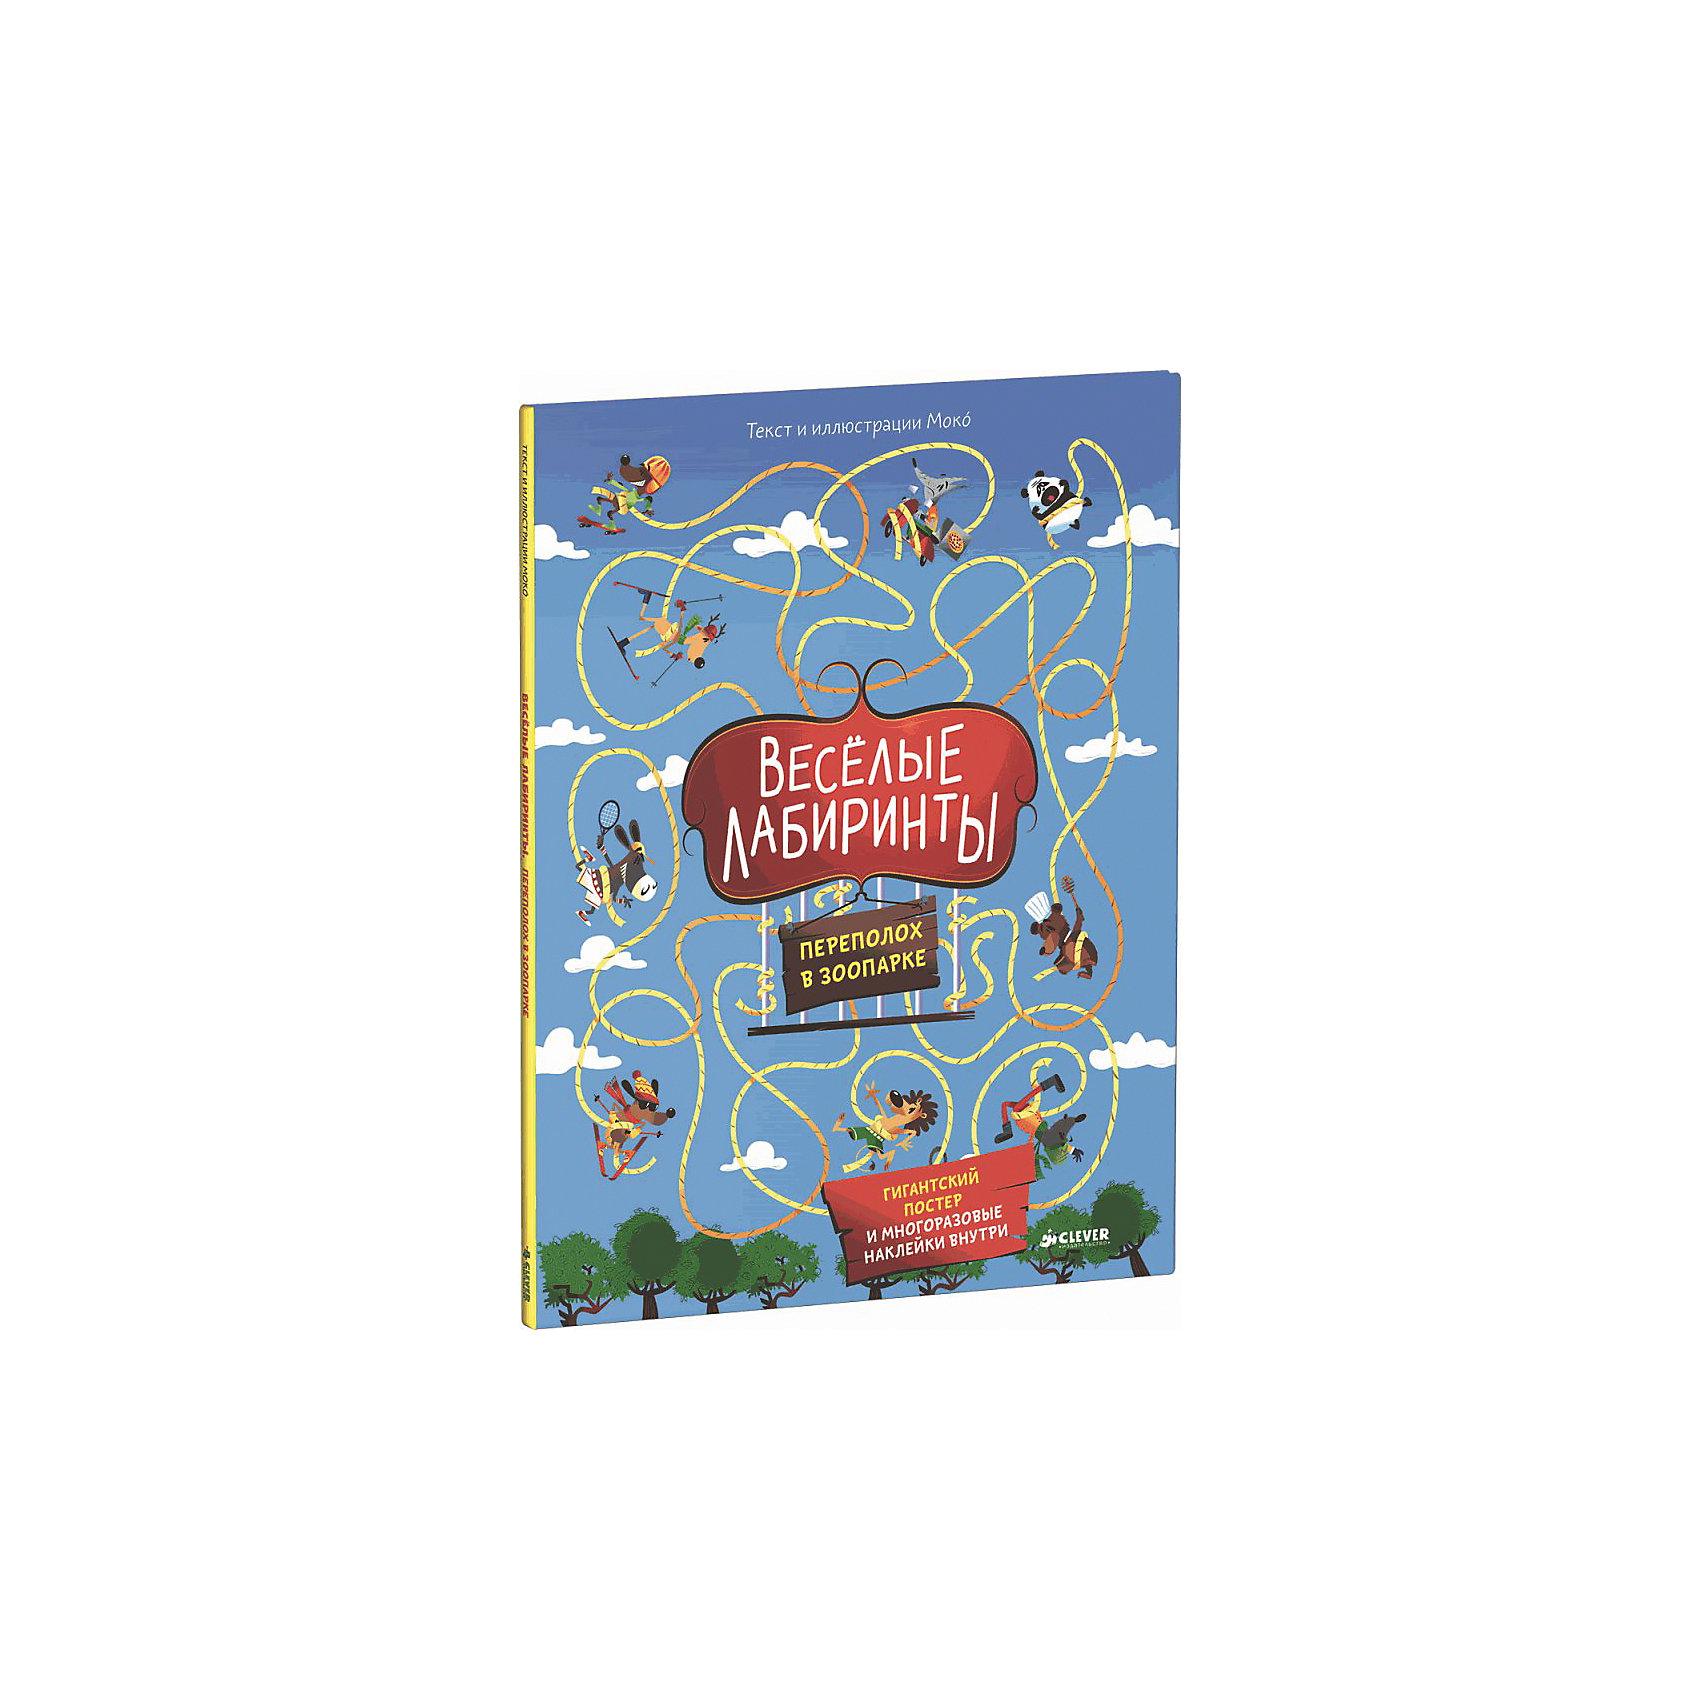 Книга с заданиями и наклейками Весёлые лабиринты. Переполох в зоопаркеCLEVER (КЛЕВЕР)<br>Книга с заданиями и наклейками Весёлые лабиринты. Переполох в зоопарке – это книга-игра с бродилками, веселыми заданиями и головоломками.<br>Неслыханное происшествие в зоопарке! Все звери сбежали из клеток в поисках приключений! У тебя в руках совершенно невероятная книга, с которой тебе точно не будет скучно, ведь в ней ты найдёшь десятки смешных персонажей, весёлых заданий и головоломок, более 50 многоразовых наклеек, чтобы придумать свою собственную игру! И бонус: гигантский постер с лабиринтом внутри!<br><br>Дополнительная информация:<br><br>- Автор: Моко<br>- Художник: Моко<br>- Переводчик: Киктева Мария<br>- Редактор: Кузьминых Ю. А.<br>- Издательство: Клевер Медиа Групп, 2016 г.<br>- Серия: Рисуем и играем<br>- Тип обложки: 7Бц - твердая, целлофанированная (или лакированная)<br>- Оформление: с наклейками<br>- Иллюстрации: цветные<br>- Количество страниц: 32 (мелованная)<br>- Размер: 300x225x7 мм.<br>- Вес: 210 гр.<br><br>Книгу с заданиями и наклейками Весёлые лабиринты. Переполох в зоопарке можно купить в нашем интернет-магазине.<br><br>Ширина мм: 290<br>Глубина мм: 220<br>Высота мм: 5<br>Вес г: 210<br>Возраст от месяцев: 84<br>Возраст до месяцев: 132<br>Пол: Унисекс<br>Возраст: Детский<br>SKU: 4554204